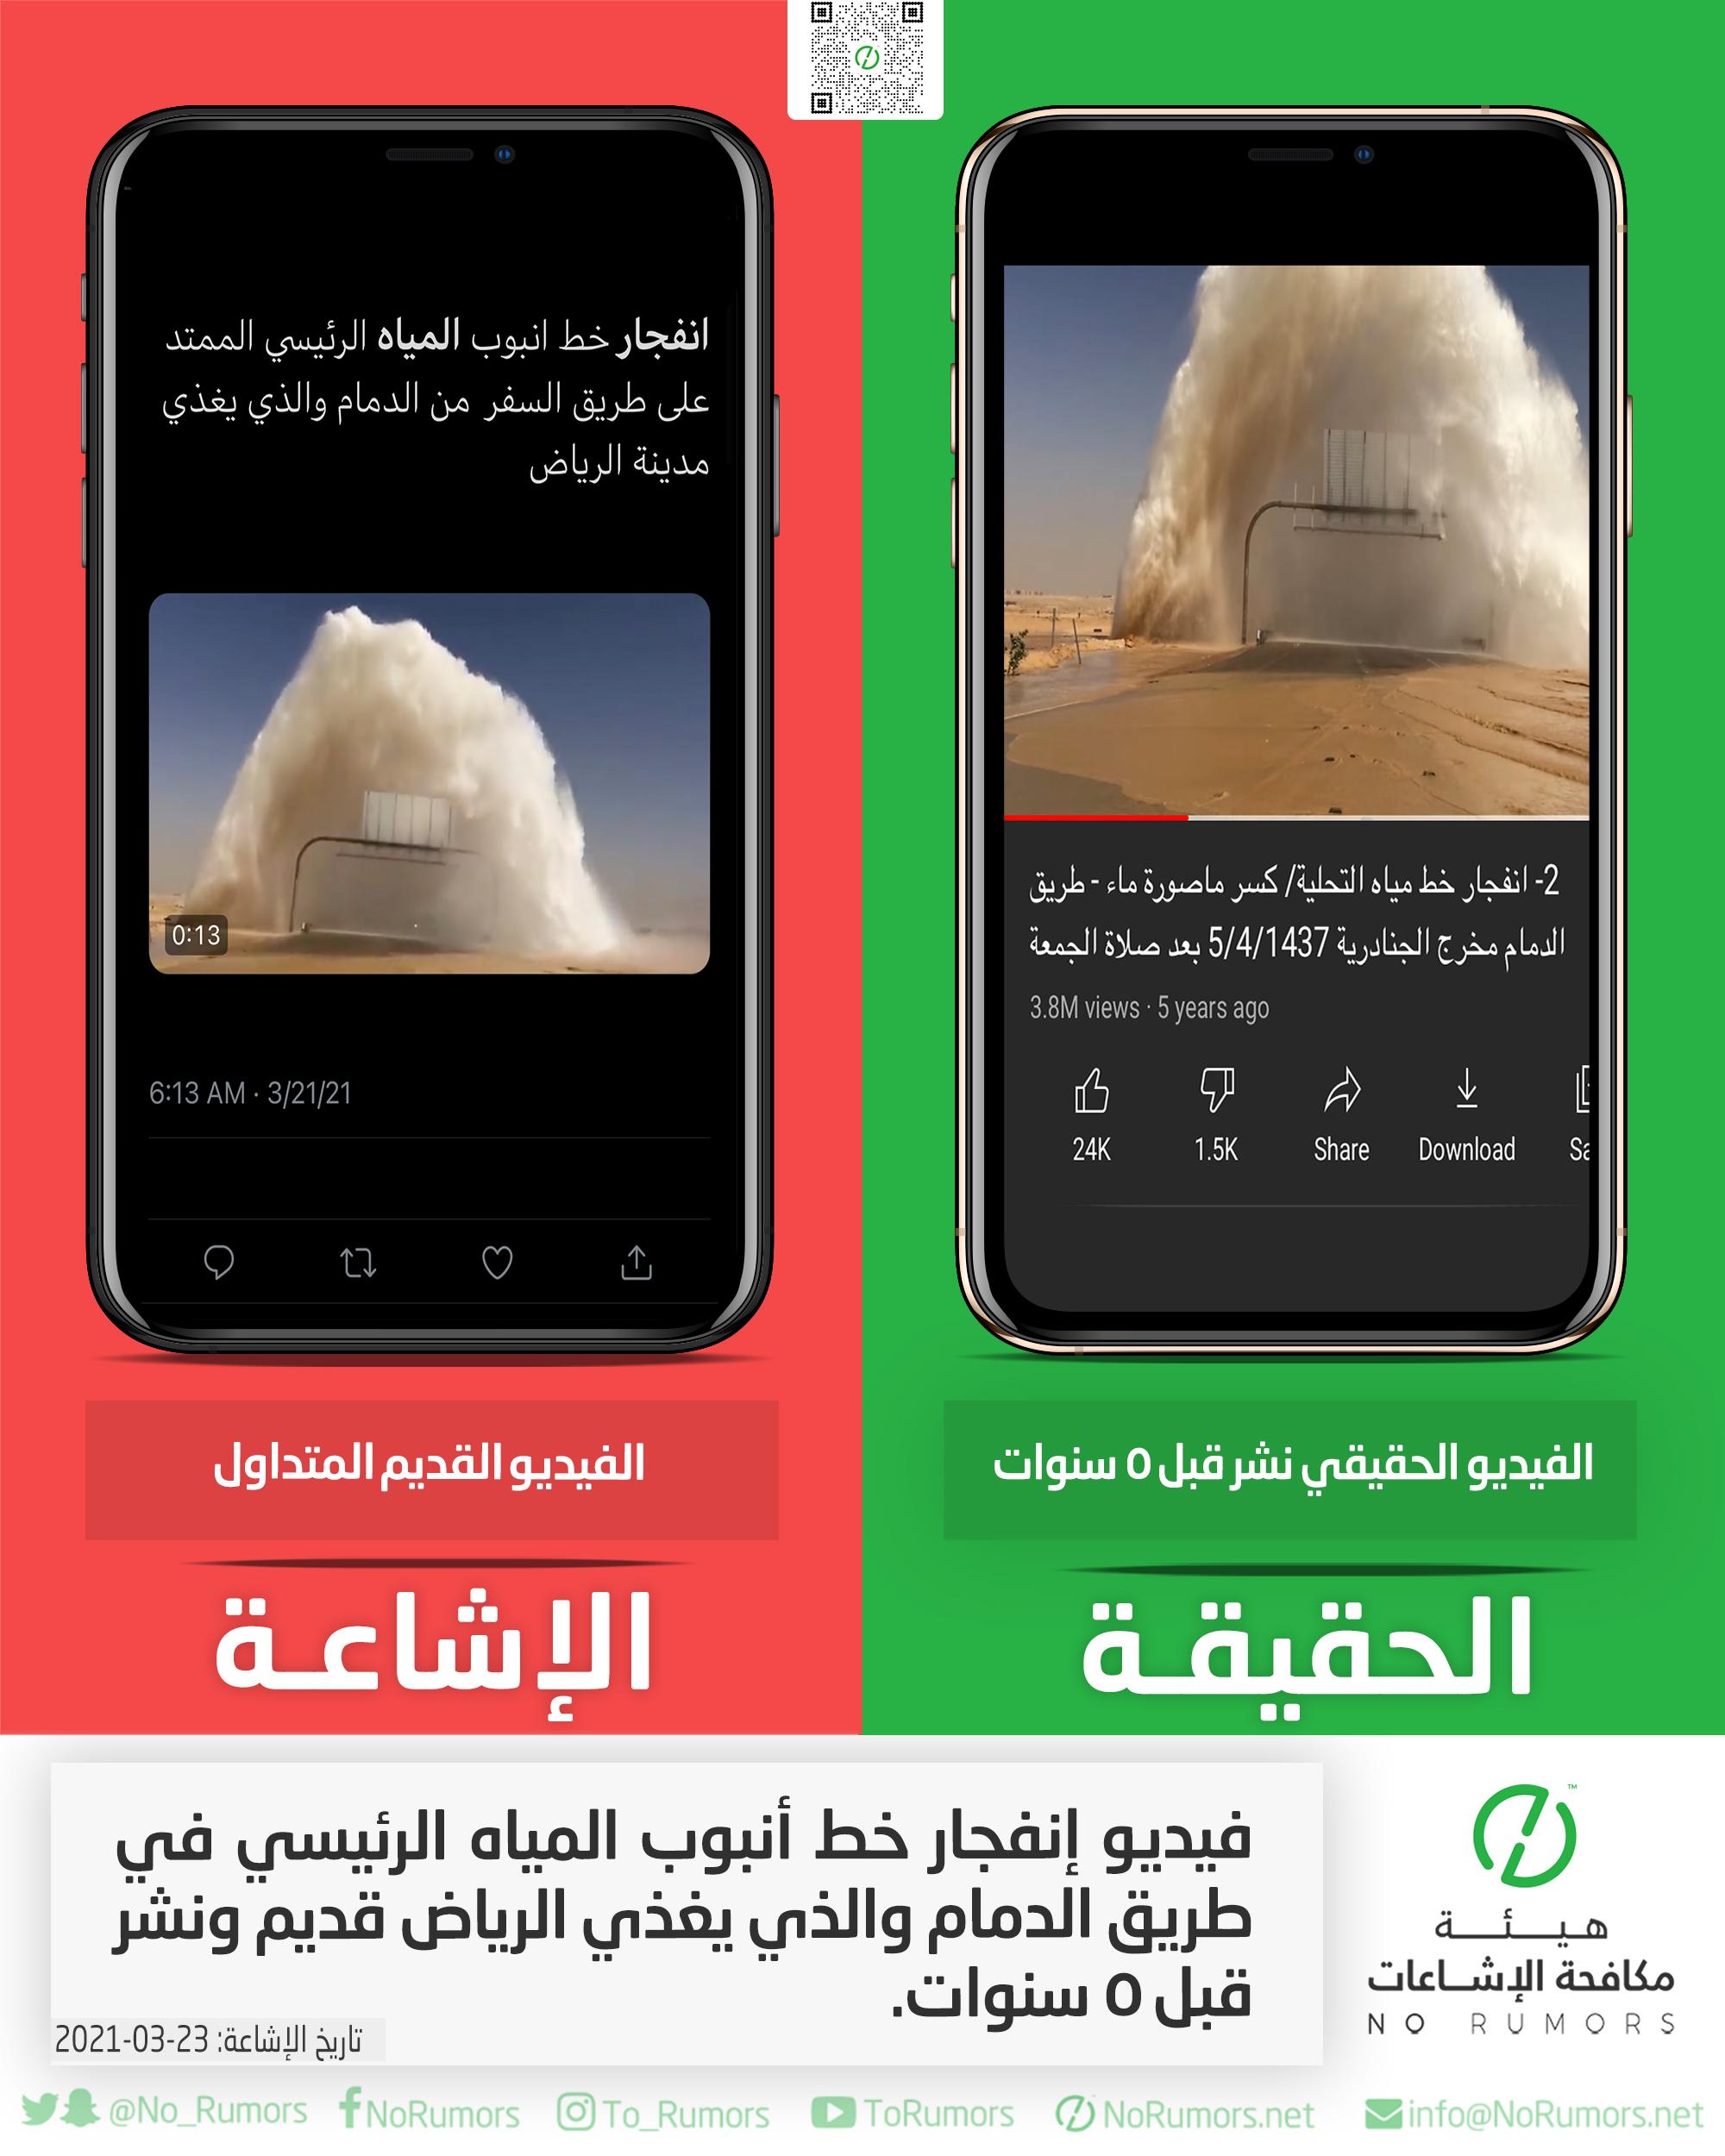 حقيقة فيديو إنفجار خط أنبوب المياه الرئيسي في طريق الدمام والذي يغذي الرياض